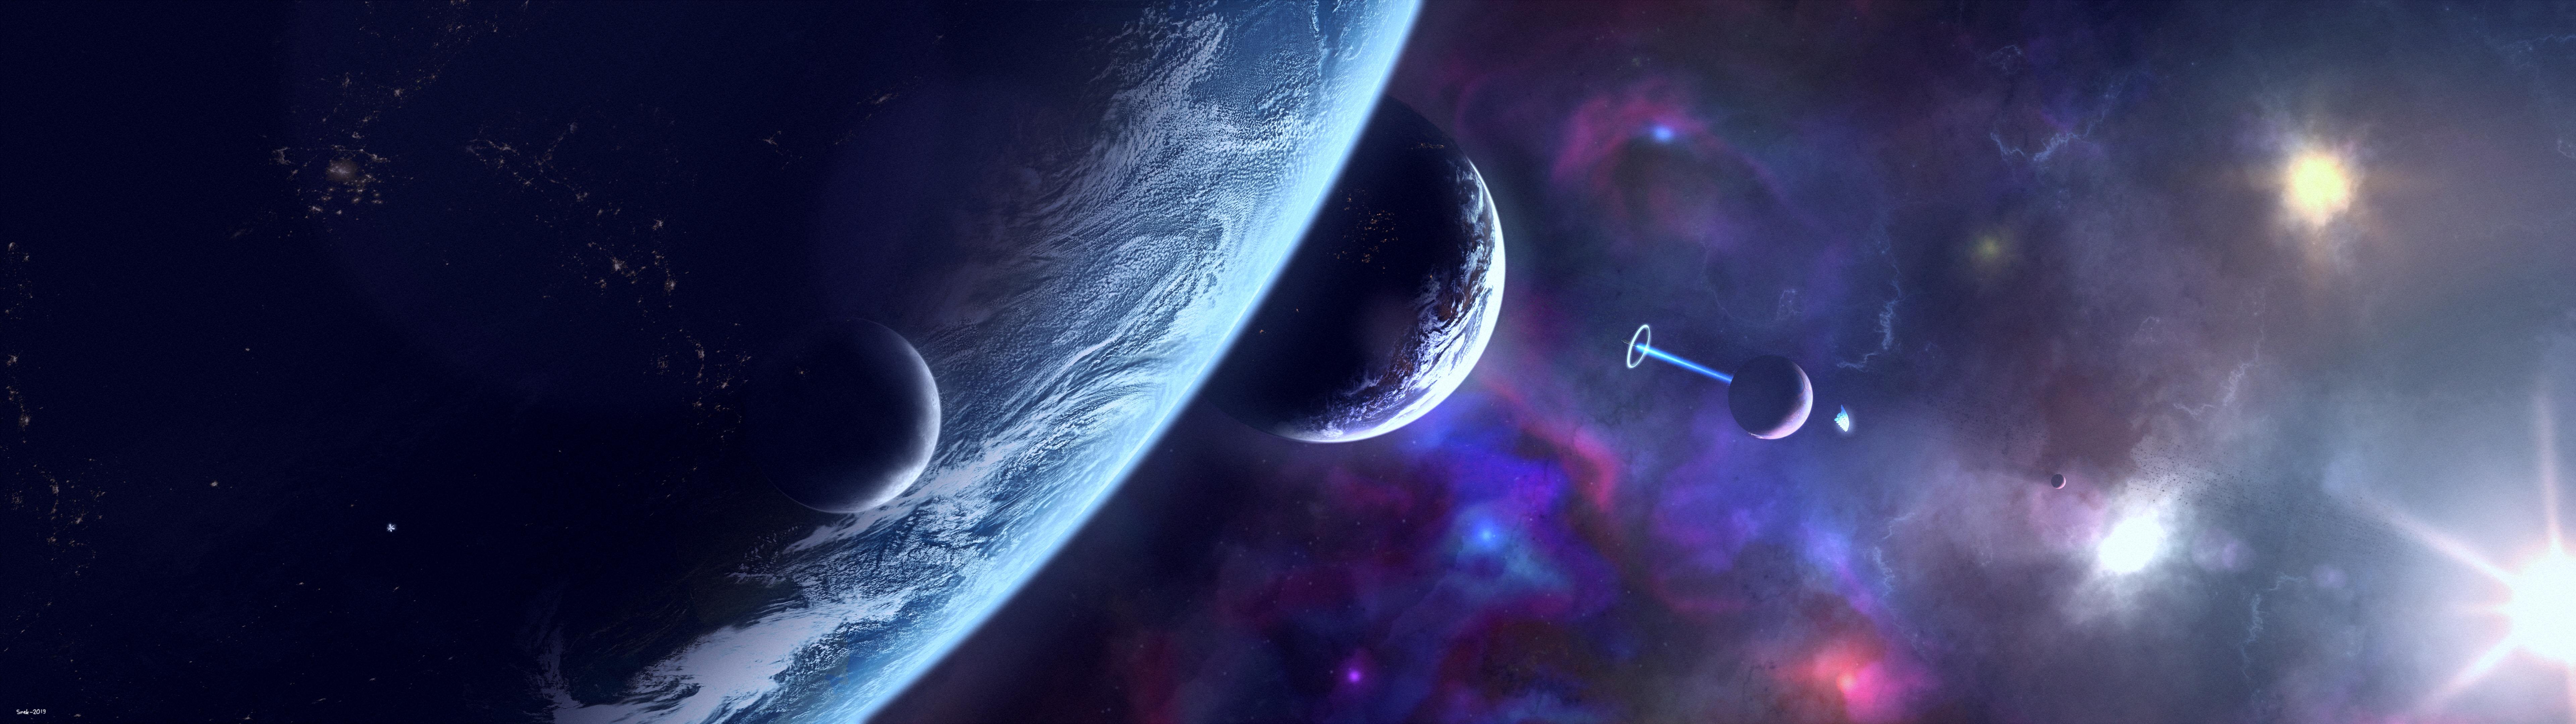 planets scifi 1574943065 - Planets Scifi -